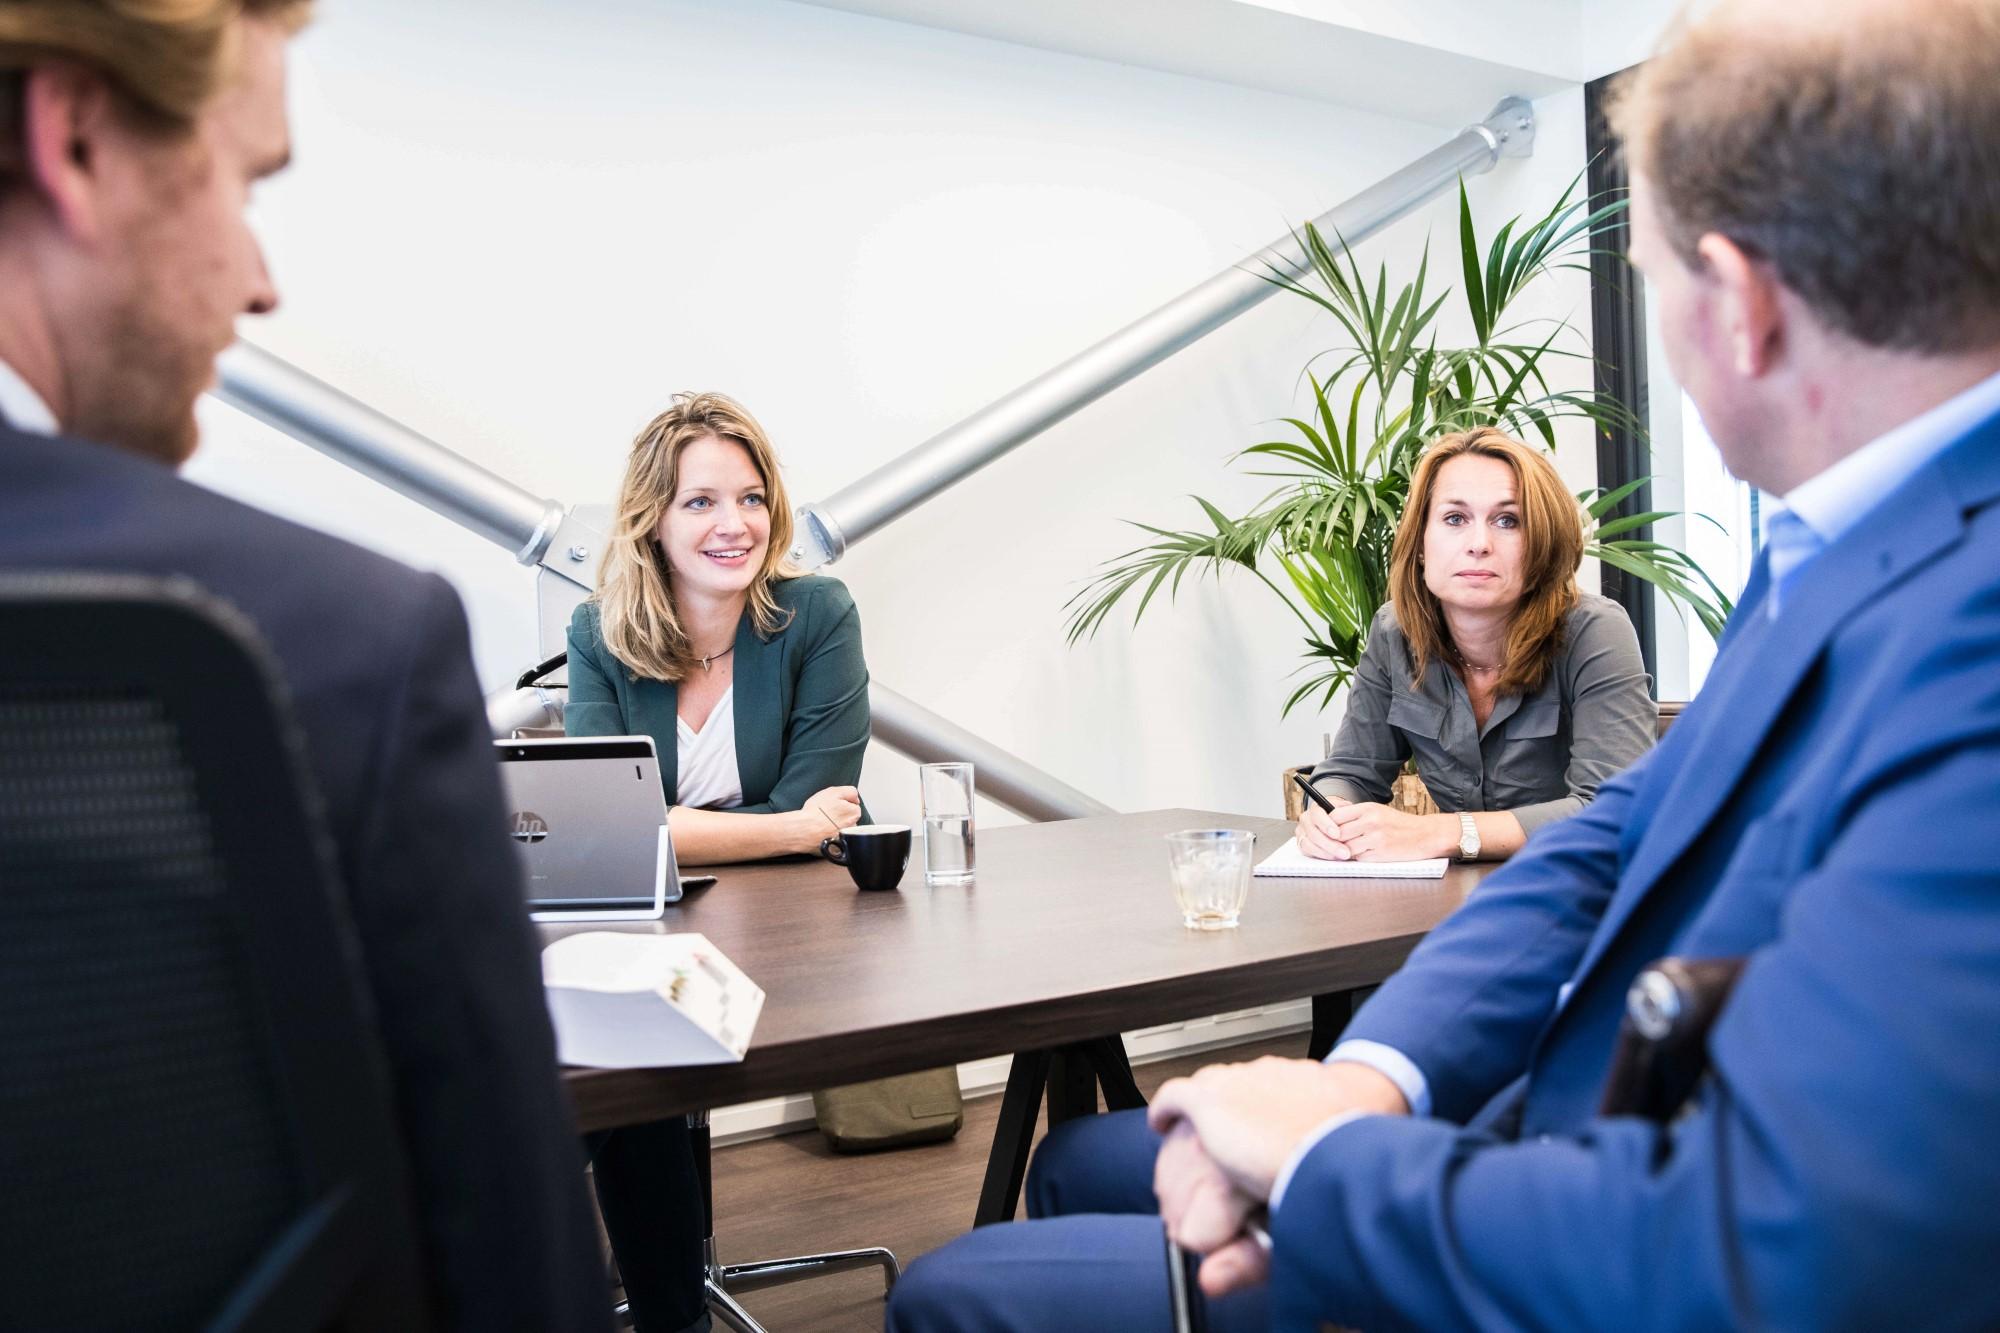 De M&A jurist: cruciaal in een dealteam